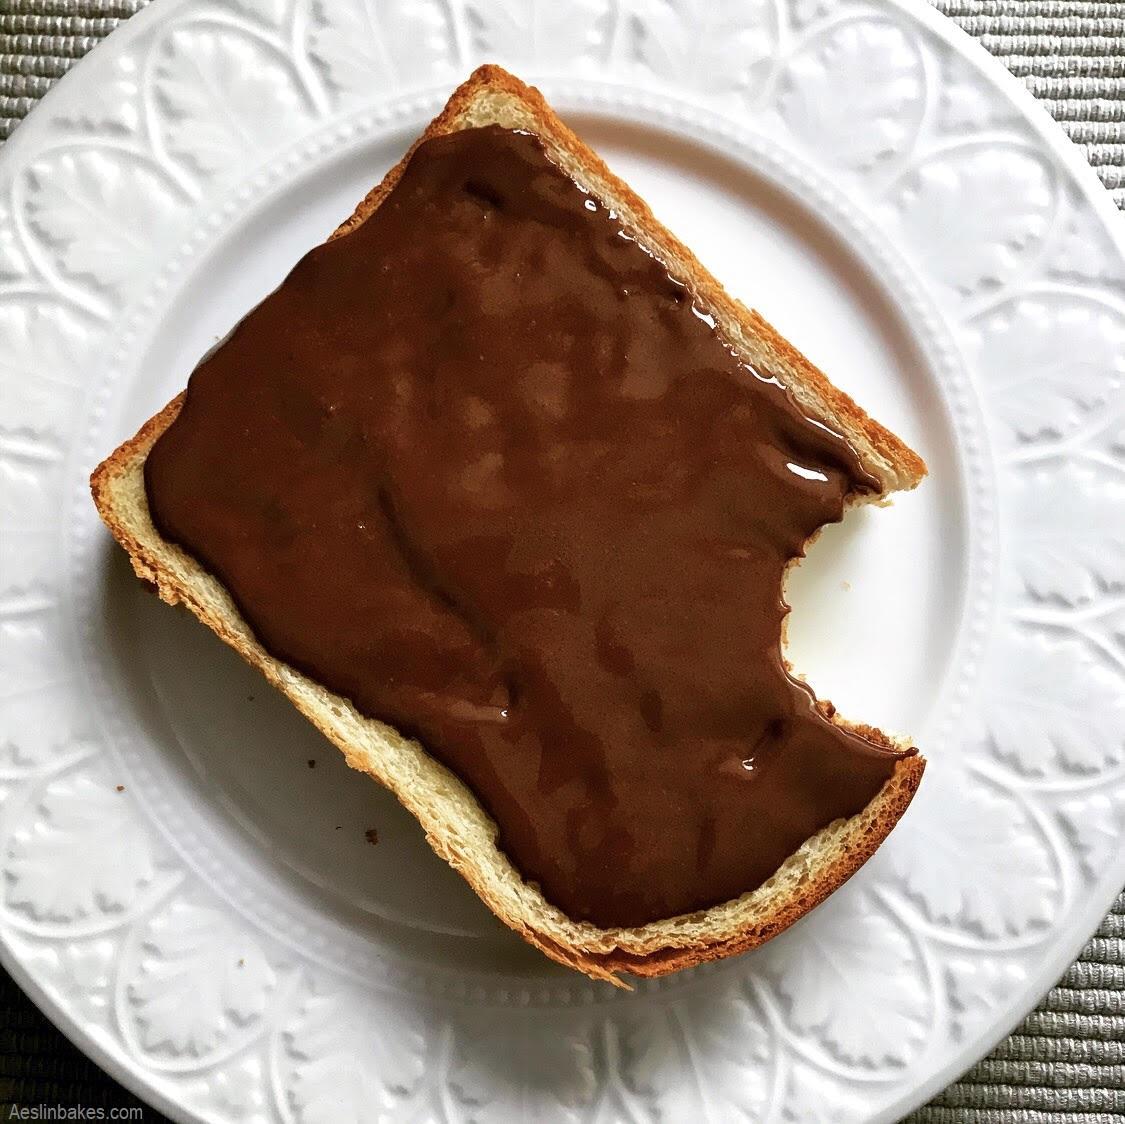 slice of brioche with praline gianduja